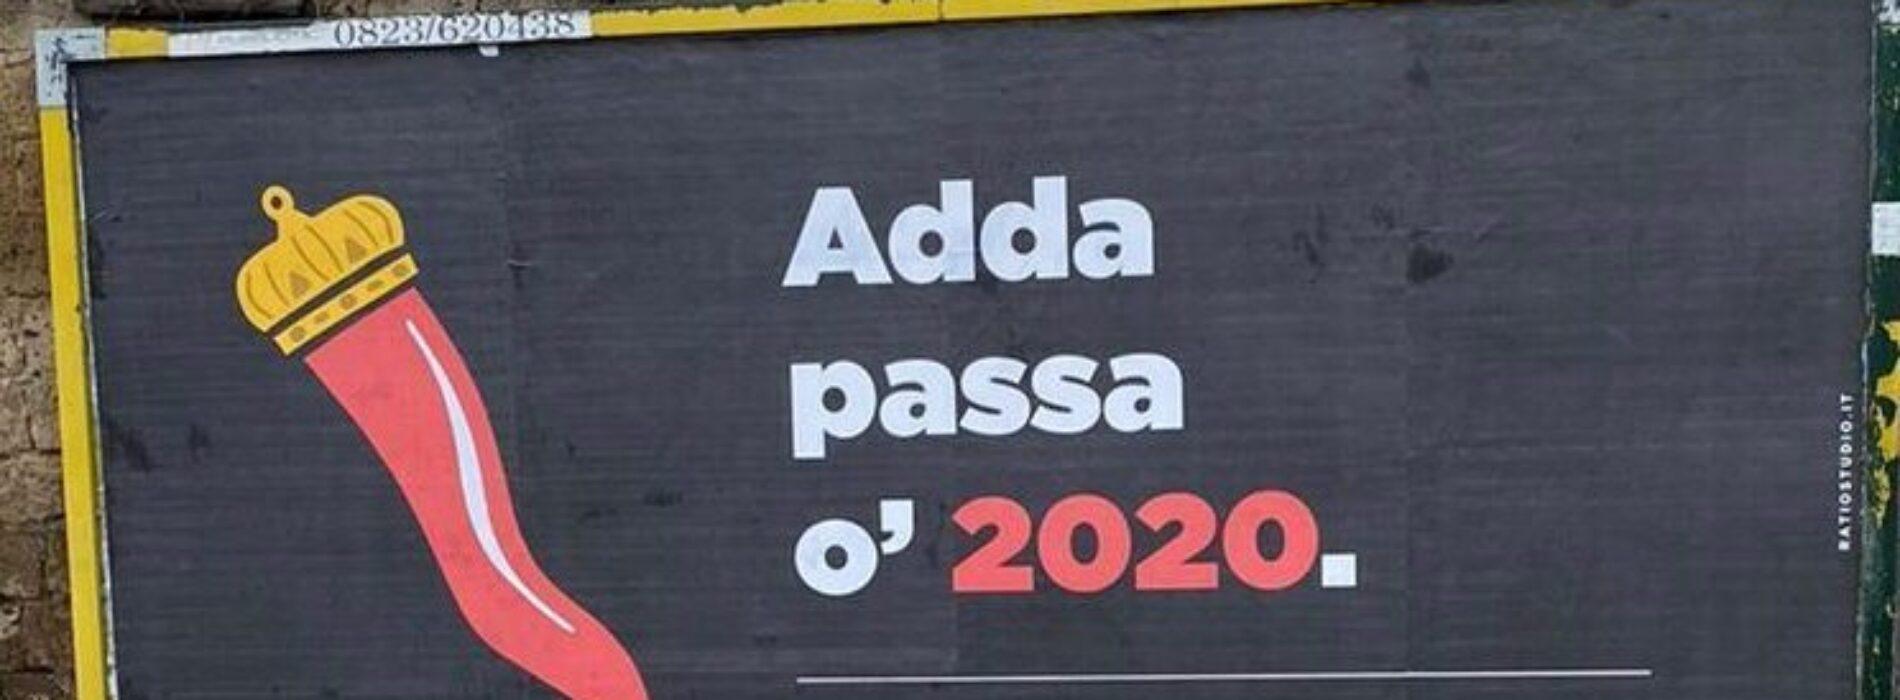 Adda passà 'o 2020, guerrilla marketing del team Ratiostudio